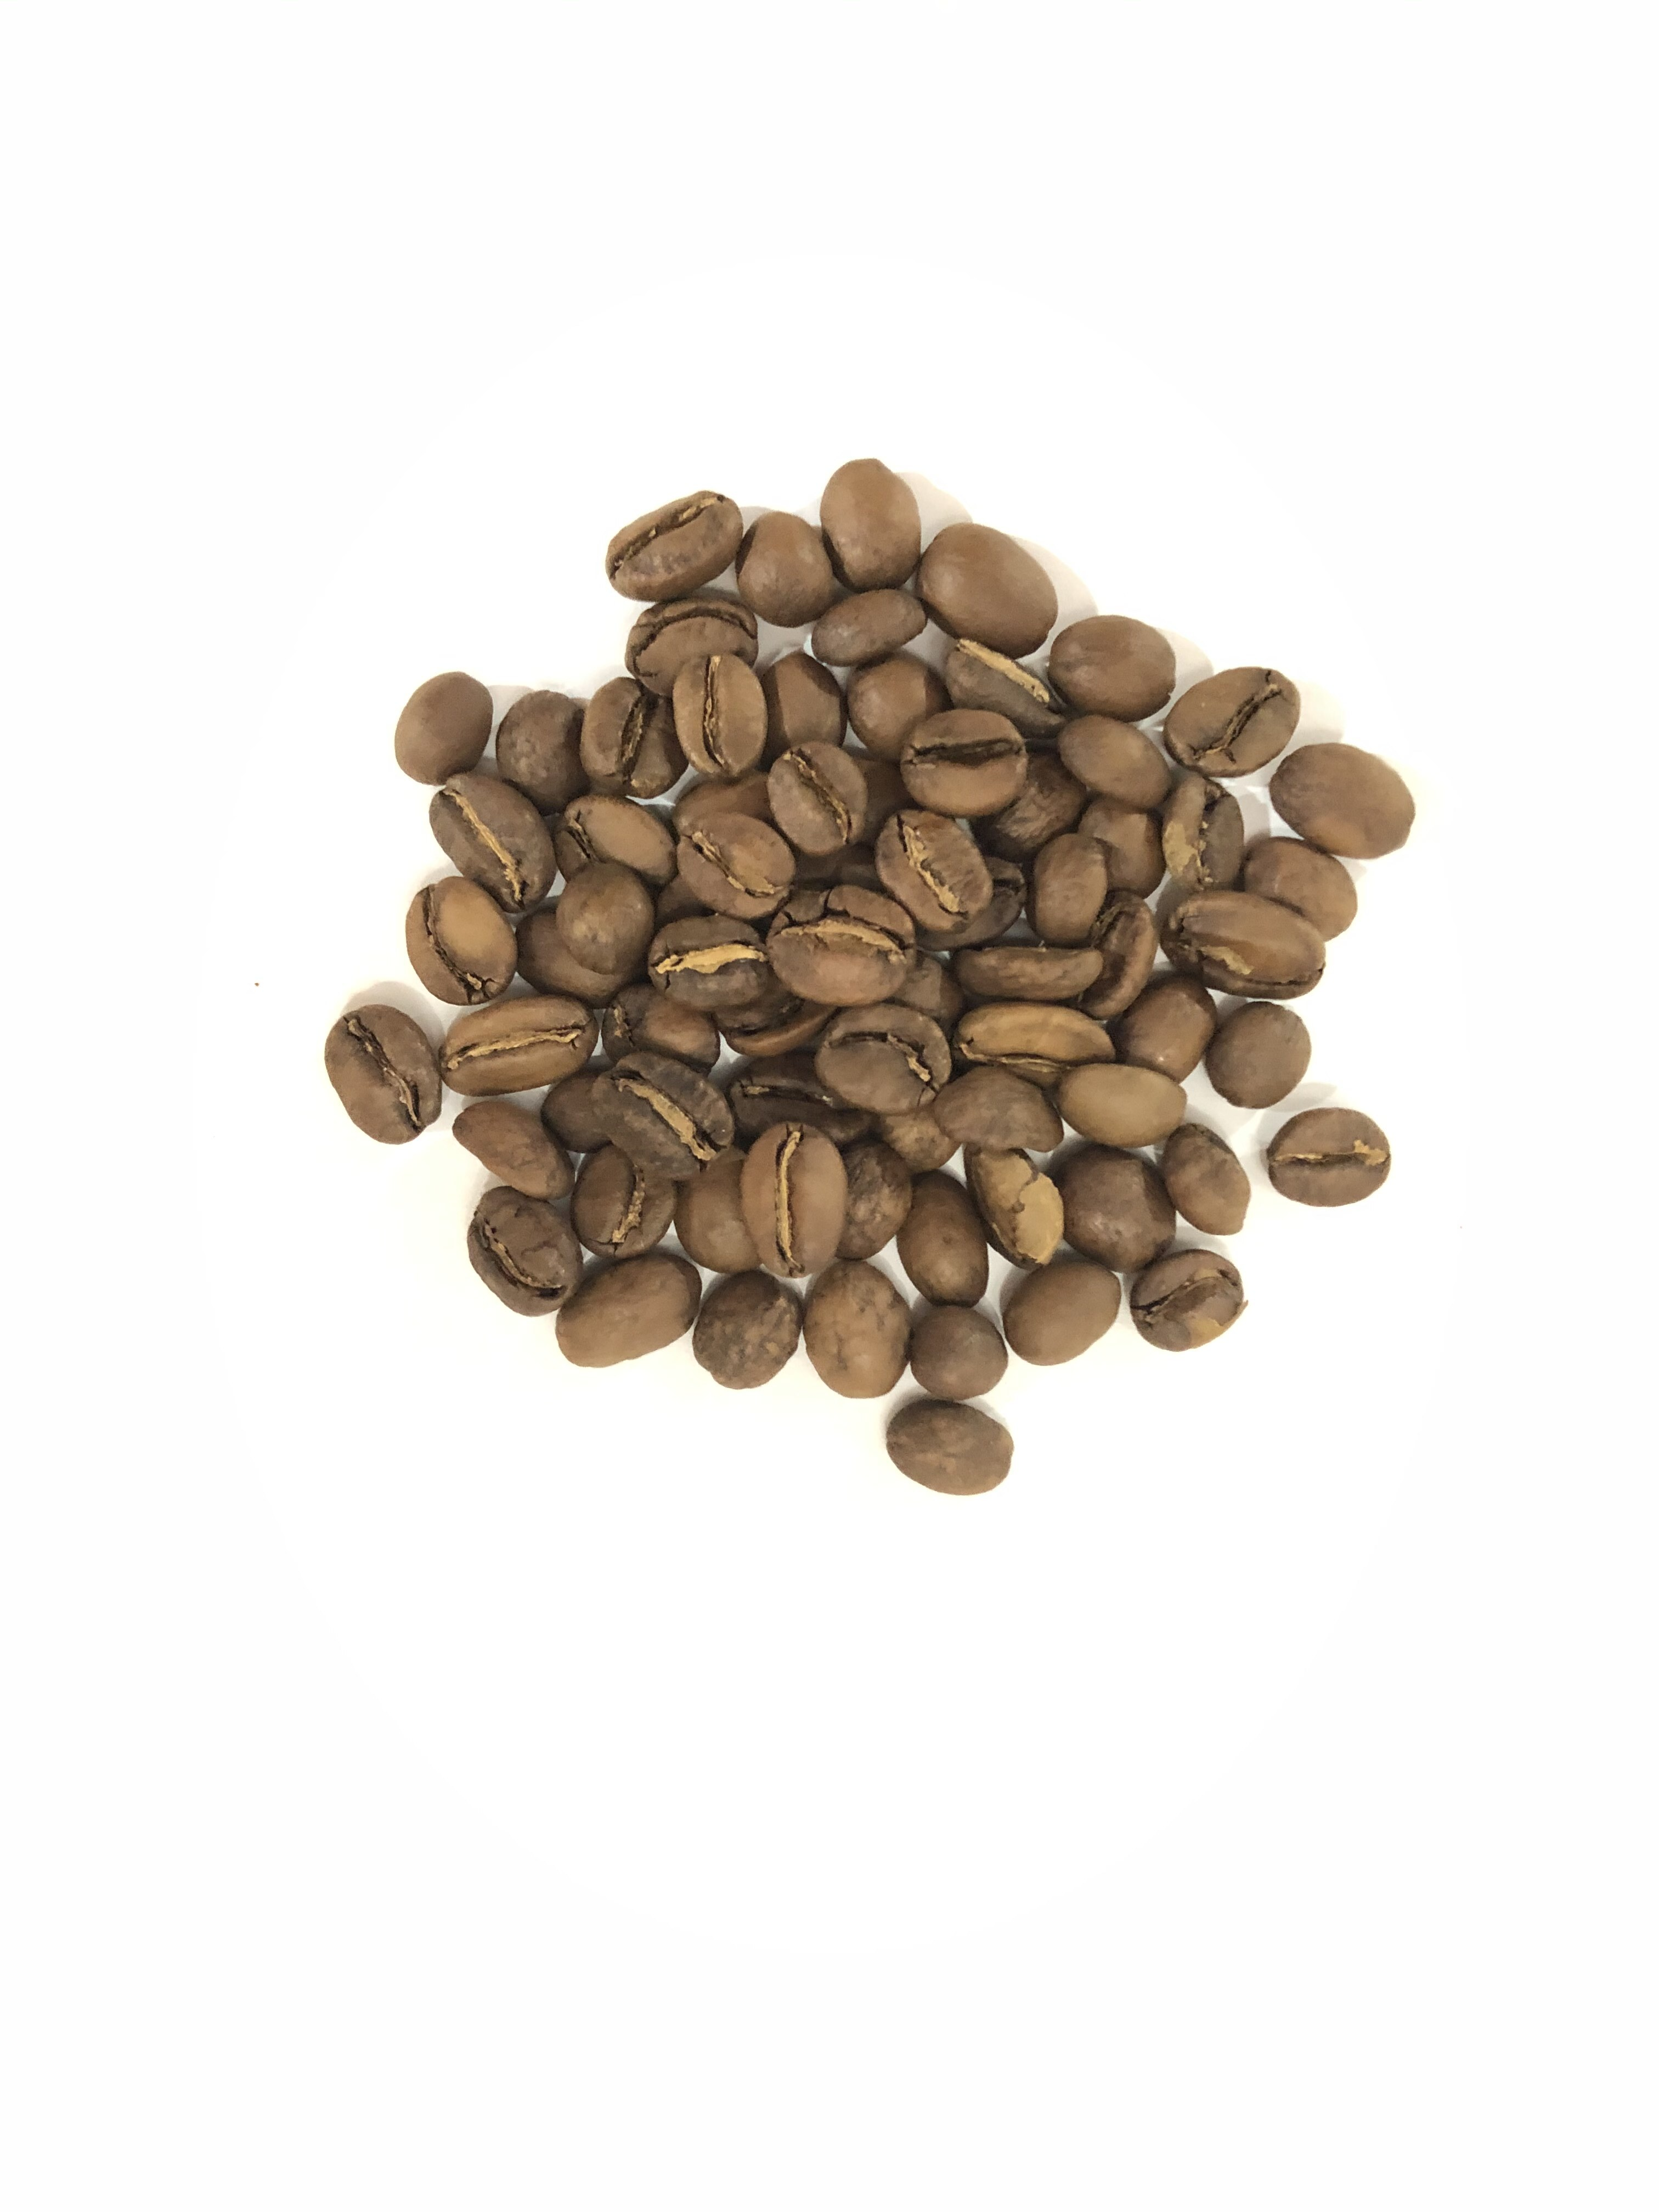 エチオピア イルガチェフェ コンガ農協(スペシャルティコーヒー)